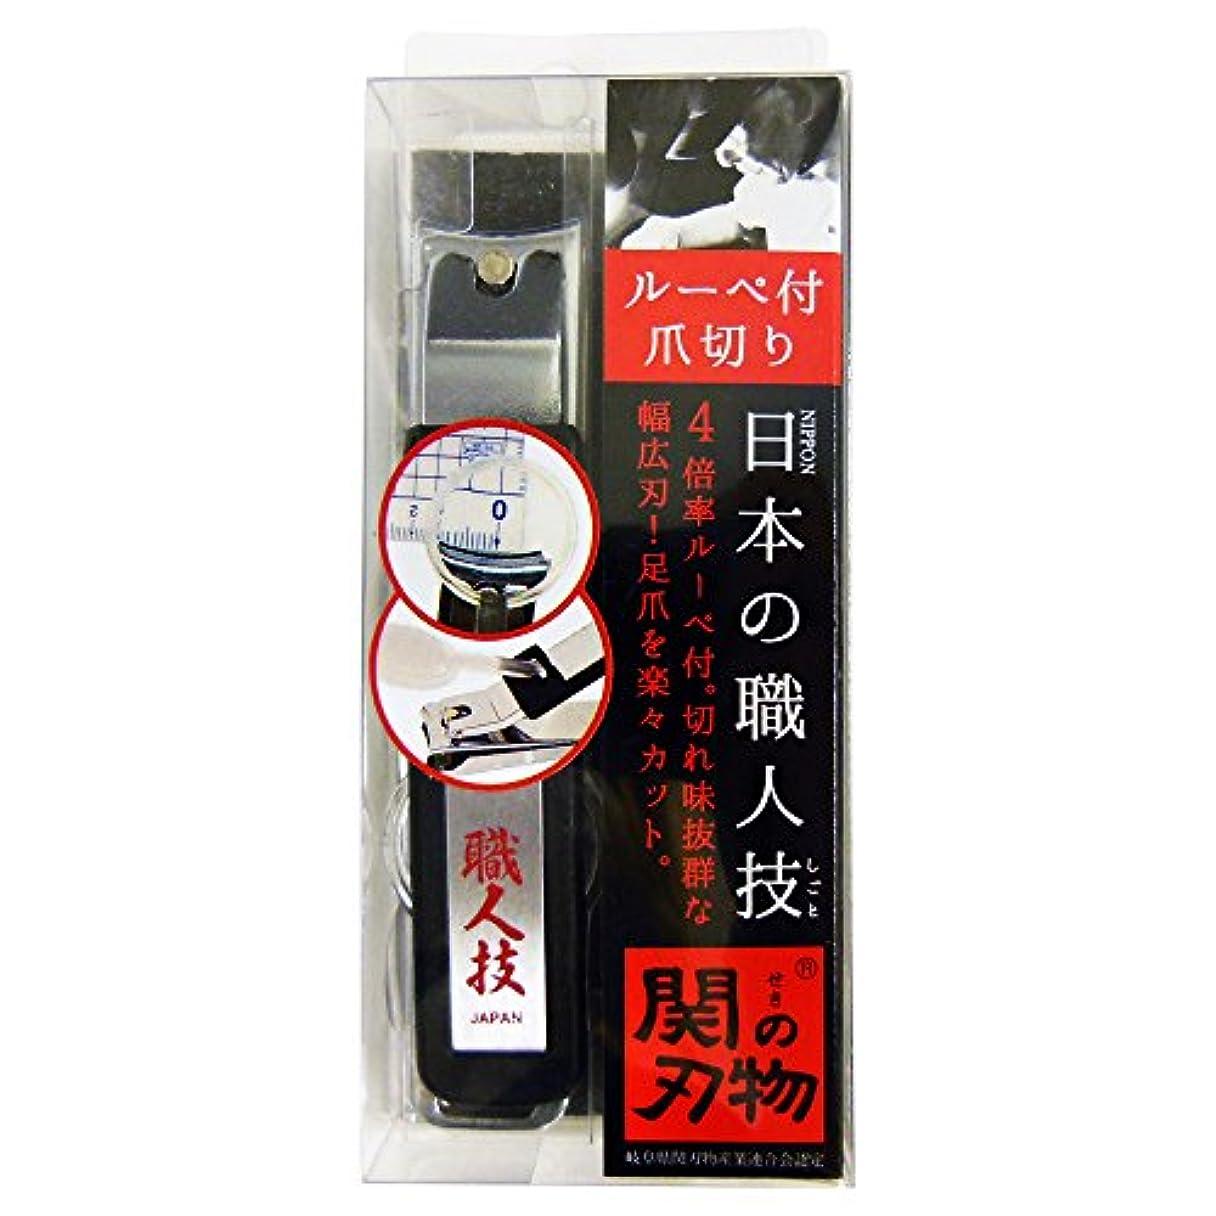 試験ピーブ暗殺する関の刃物 ルーペ付爪切り SK-07 (1個入)